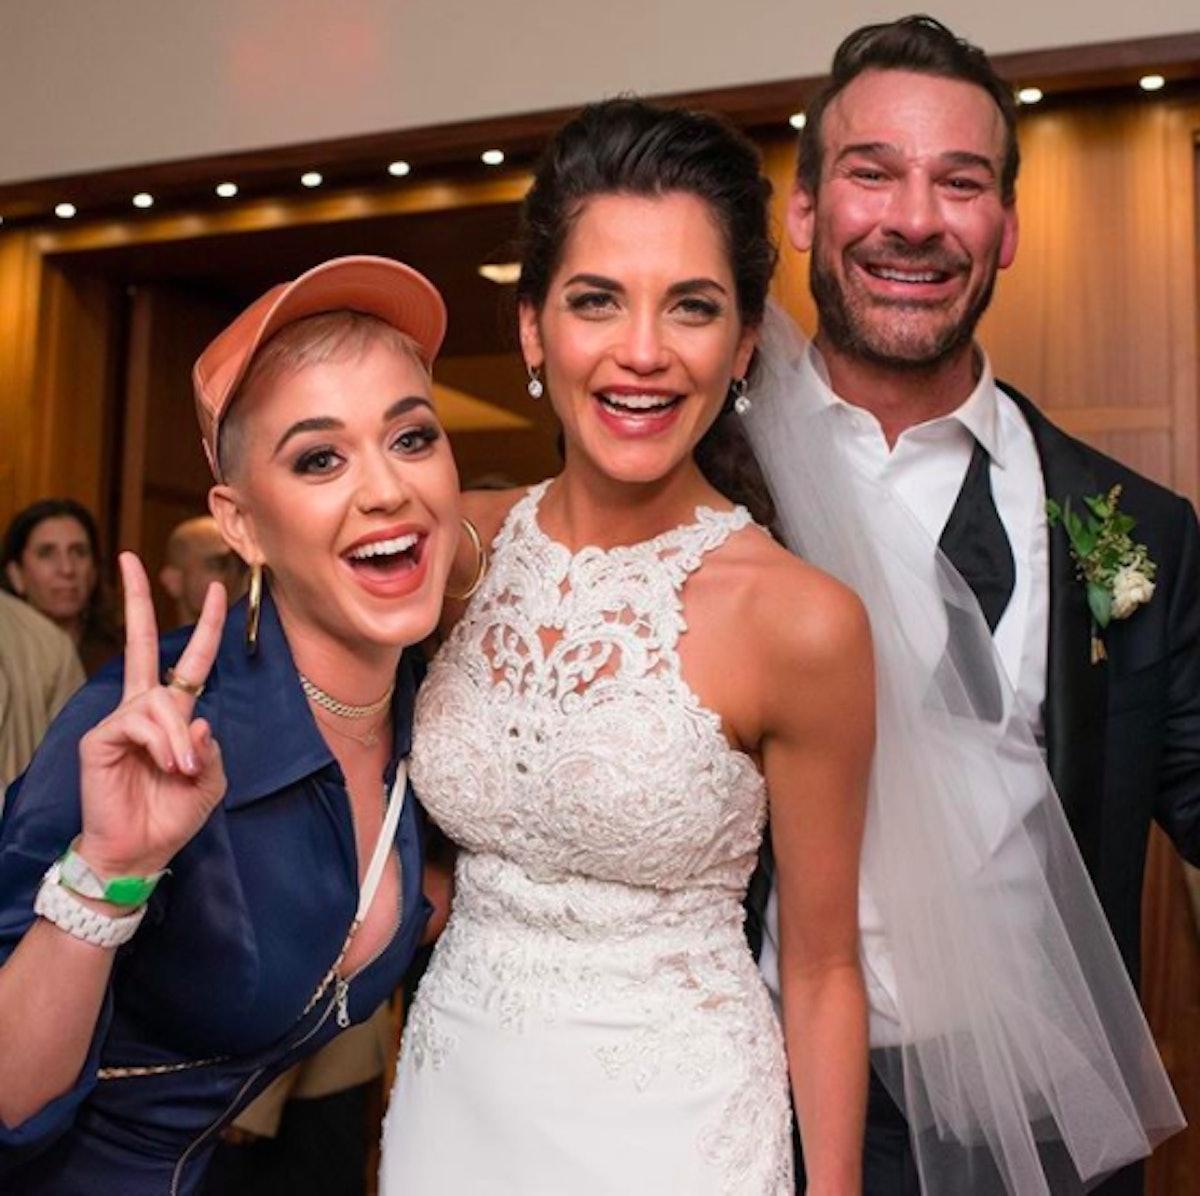 katy perry wedding crasher.png